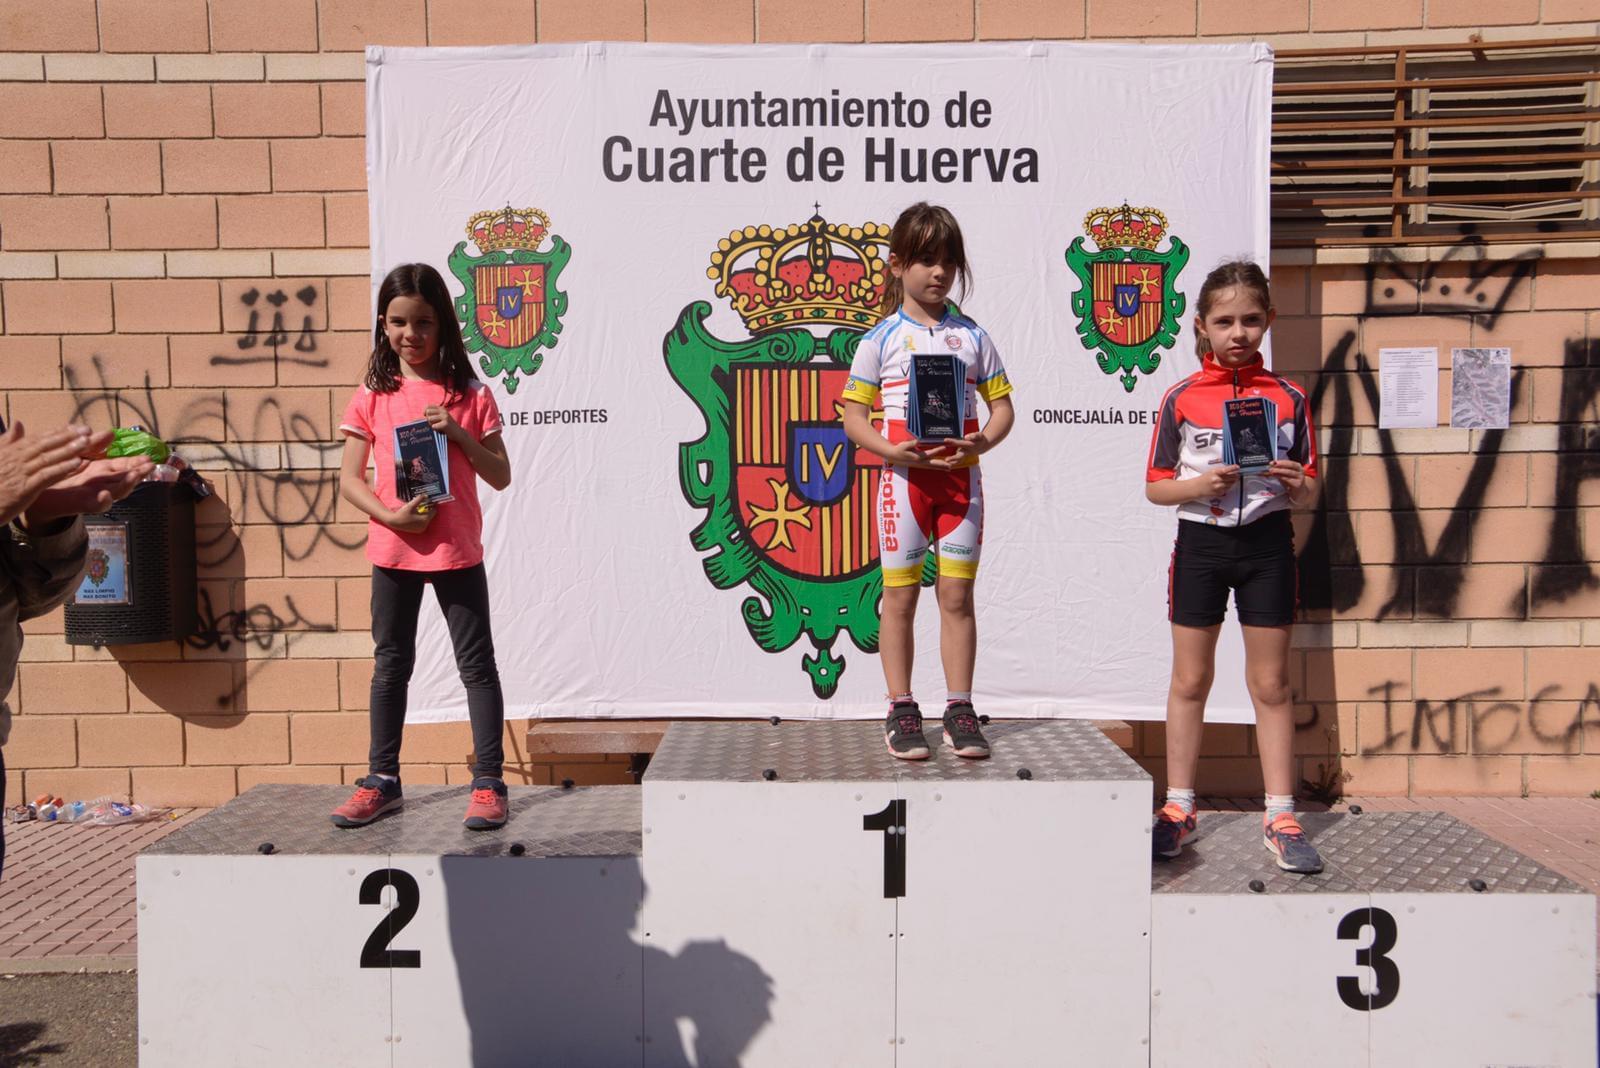 Yolanda Magallón y Félix Molina confirman su liderazgo en el Open de Aragón XCO